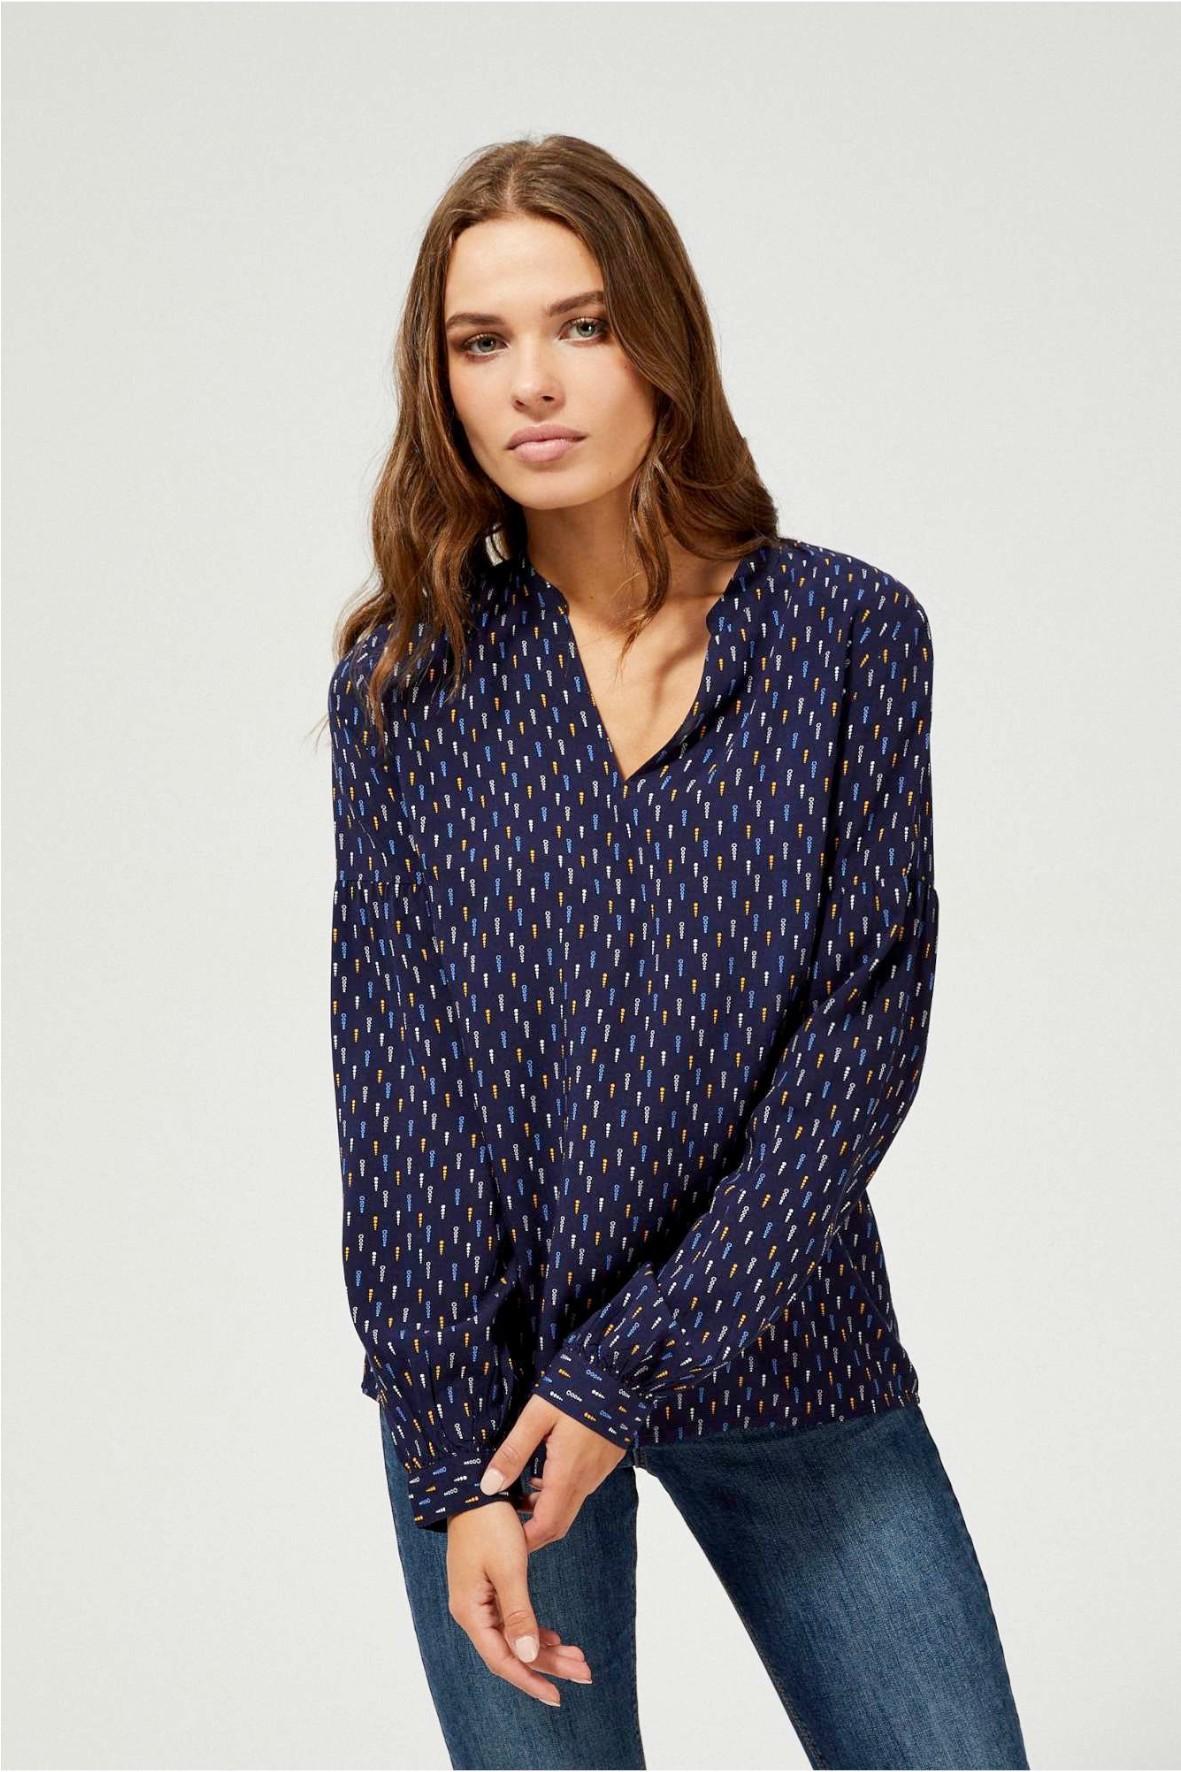 Granatowa koszula damska nierozpinana z kolorowym nadrukiem i ze stójką